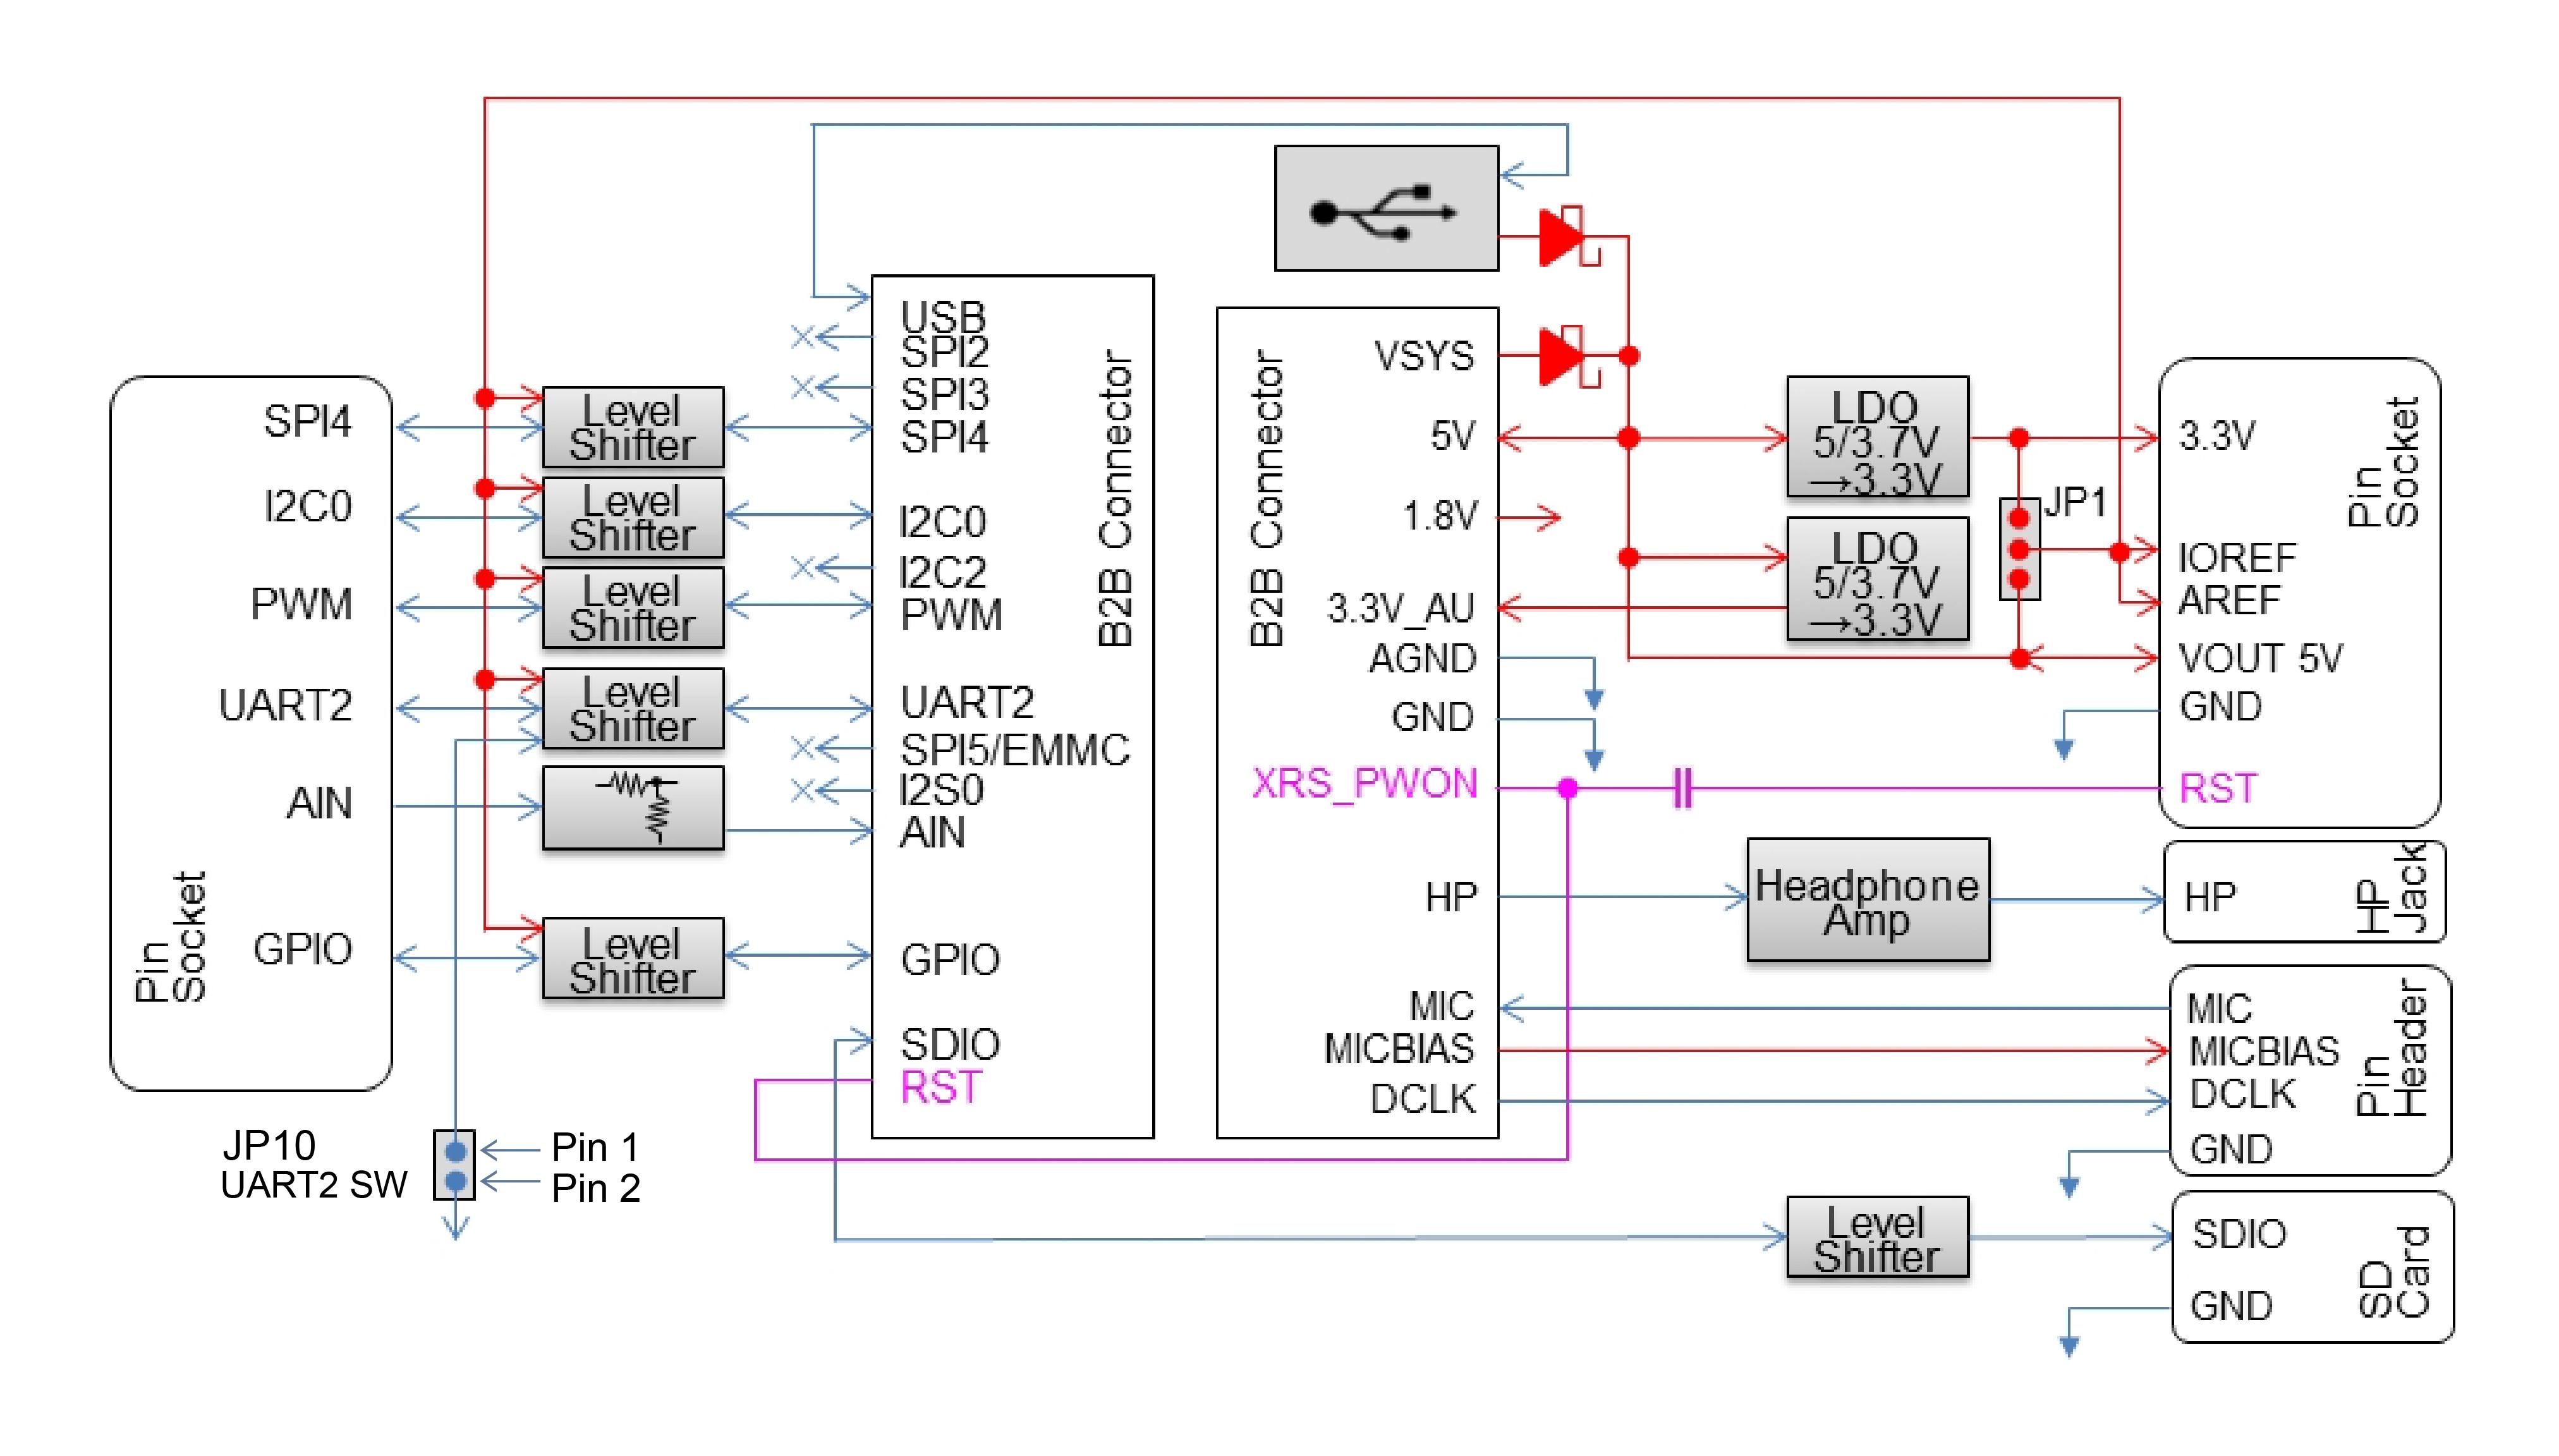 block diagram extboard [ 4049 x 2304 Pixel ]